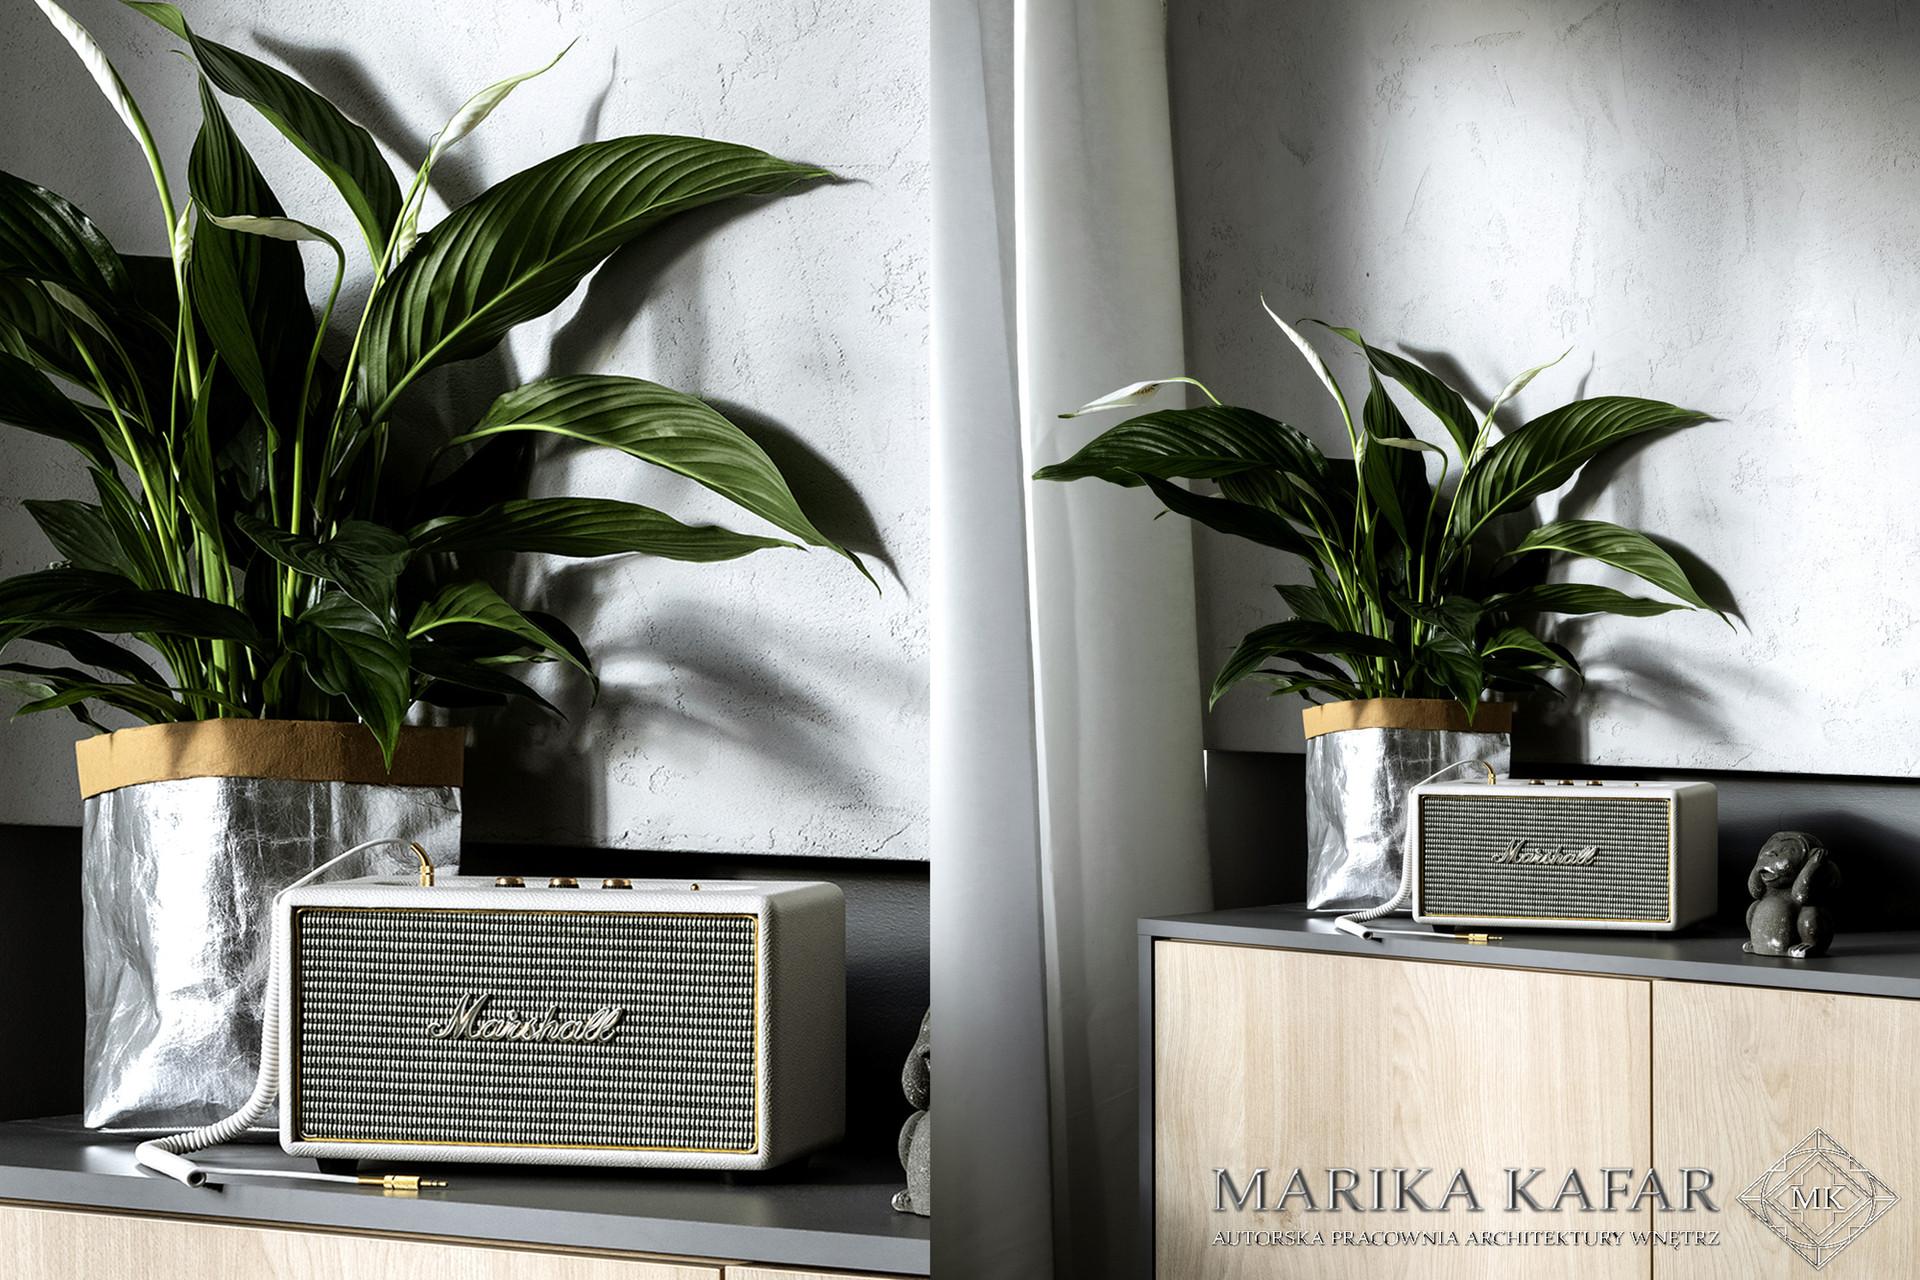 Marika Kafar Autorska Pracownia Architektury Wnętrz - biała kuchnia